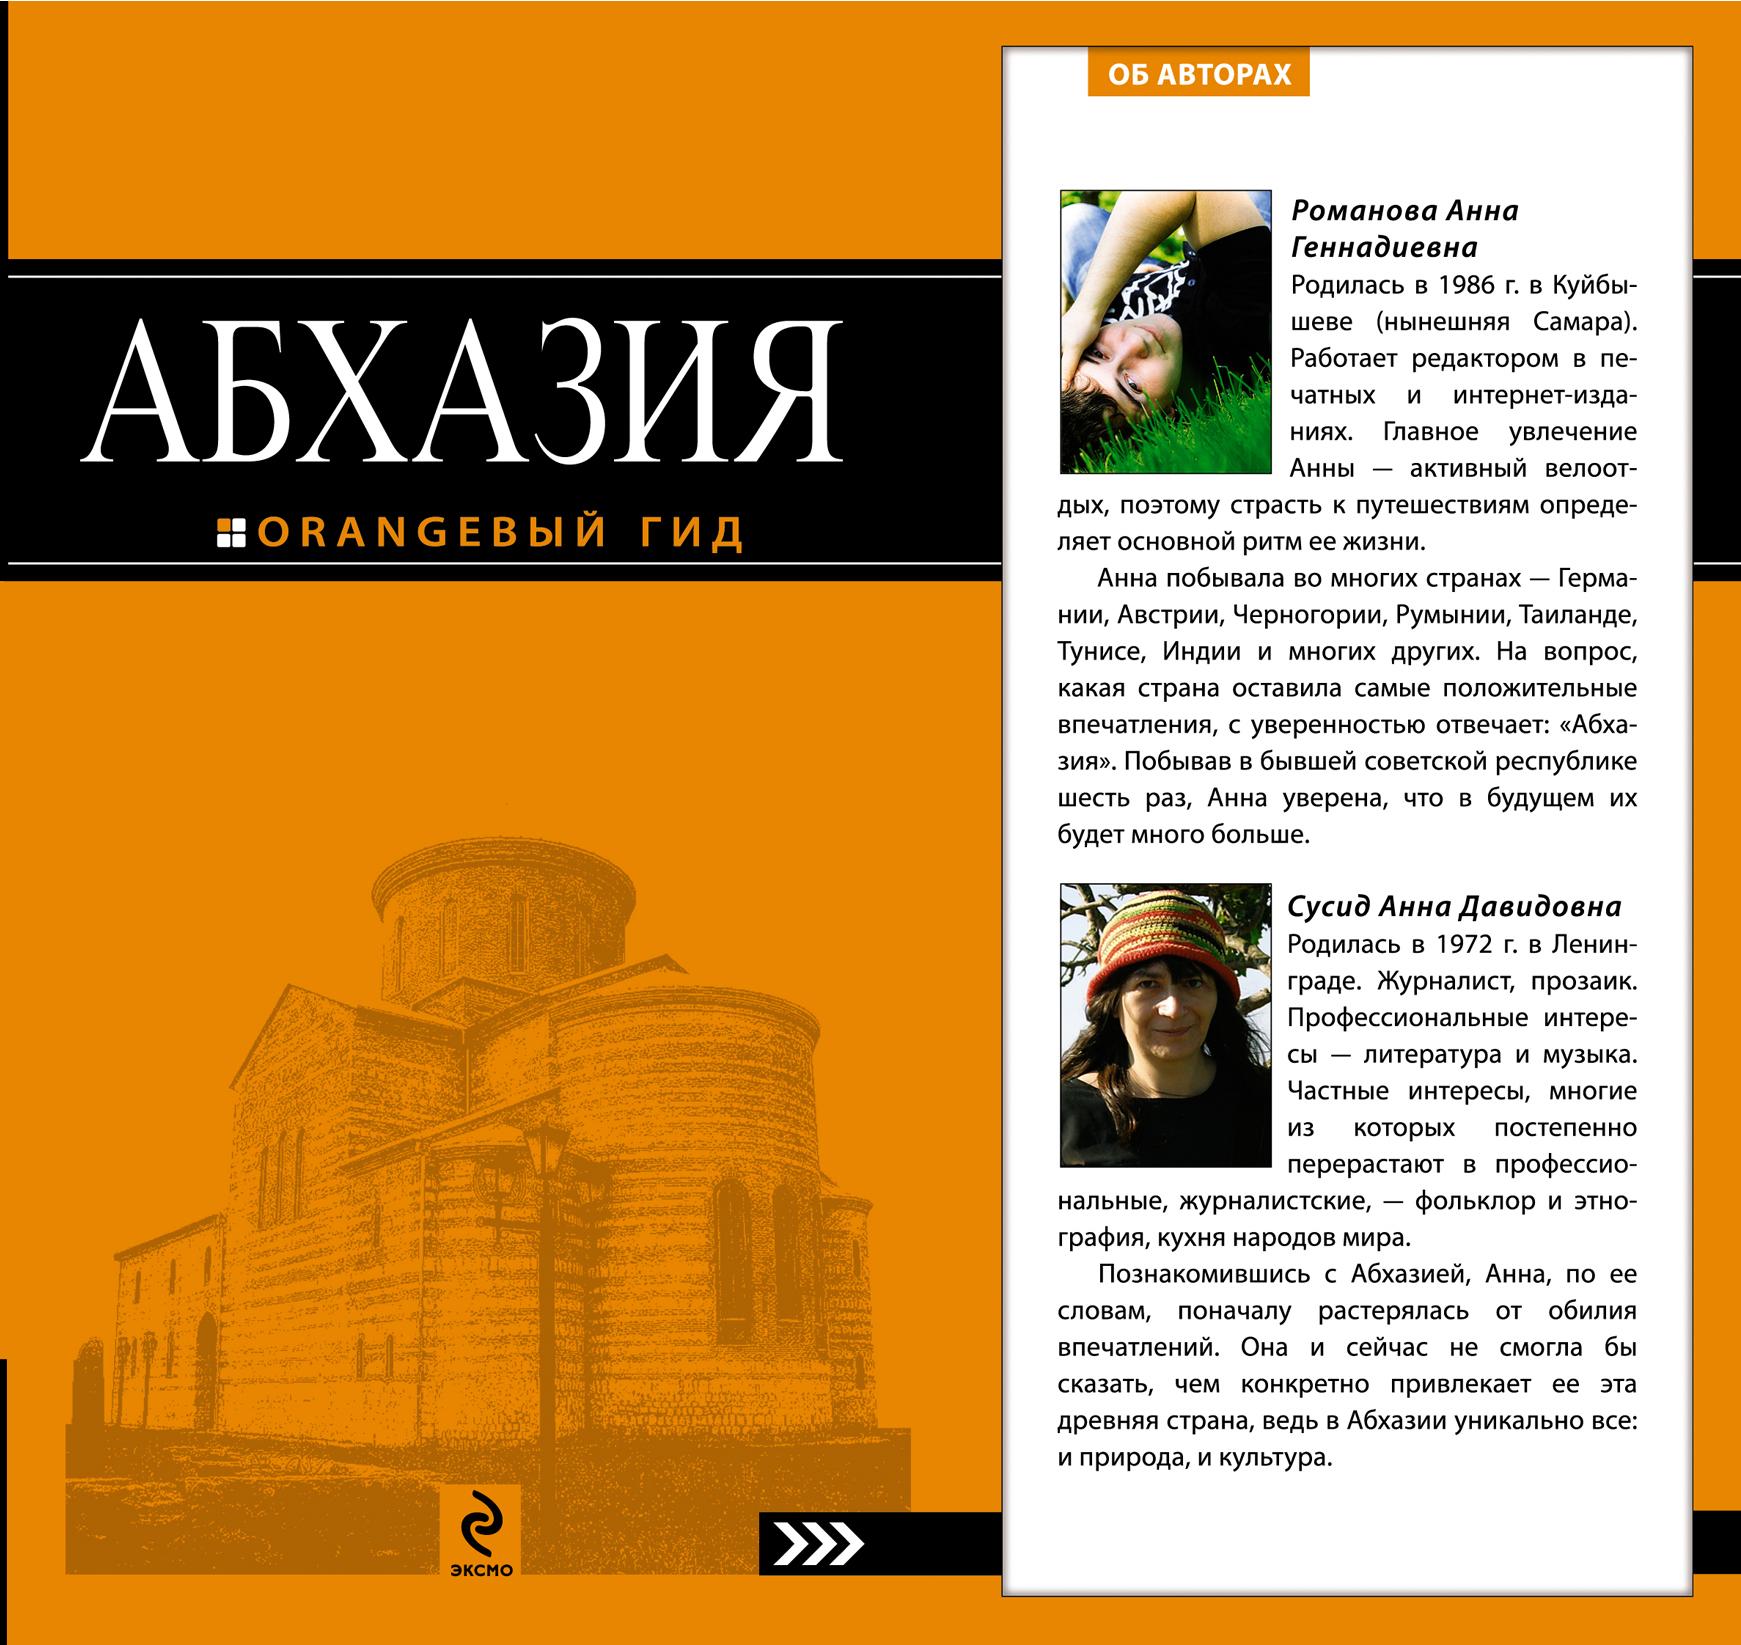 Романова А.Г., Сусид А.Д. Абхазия : путеводитель головина татьяна п прогулки по абхазии